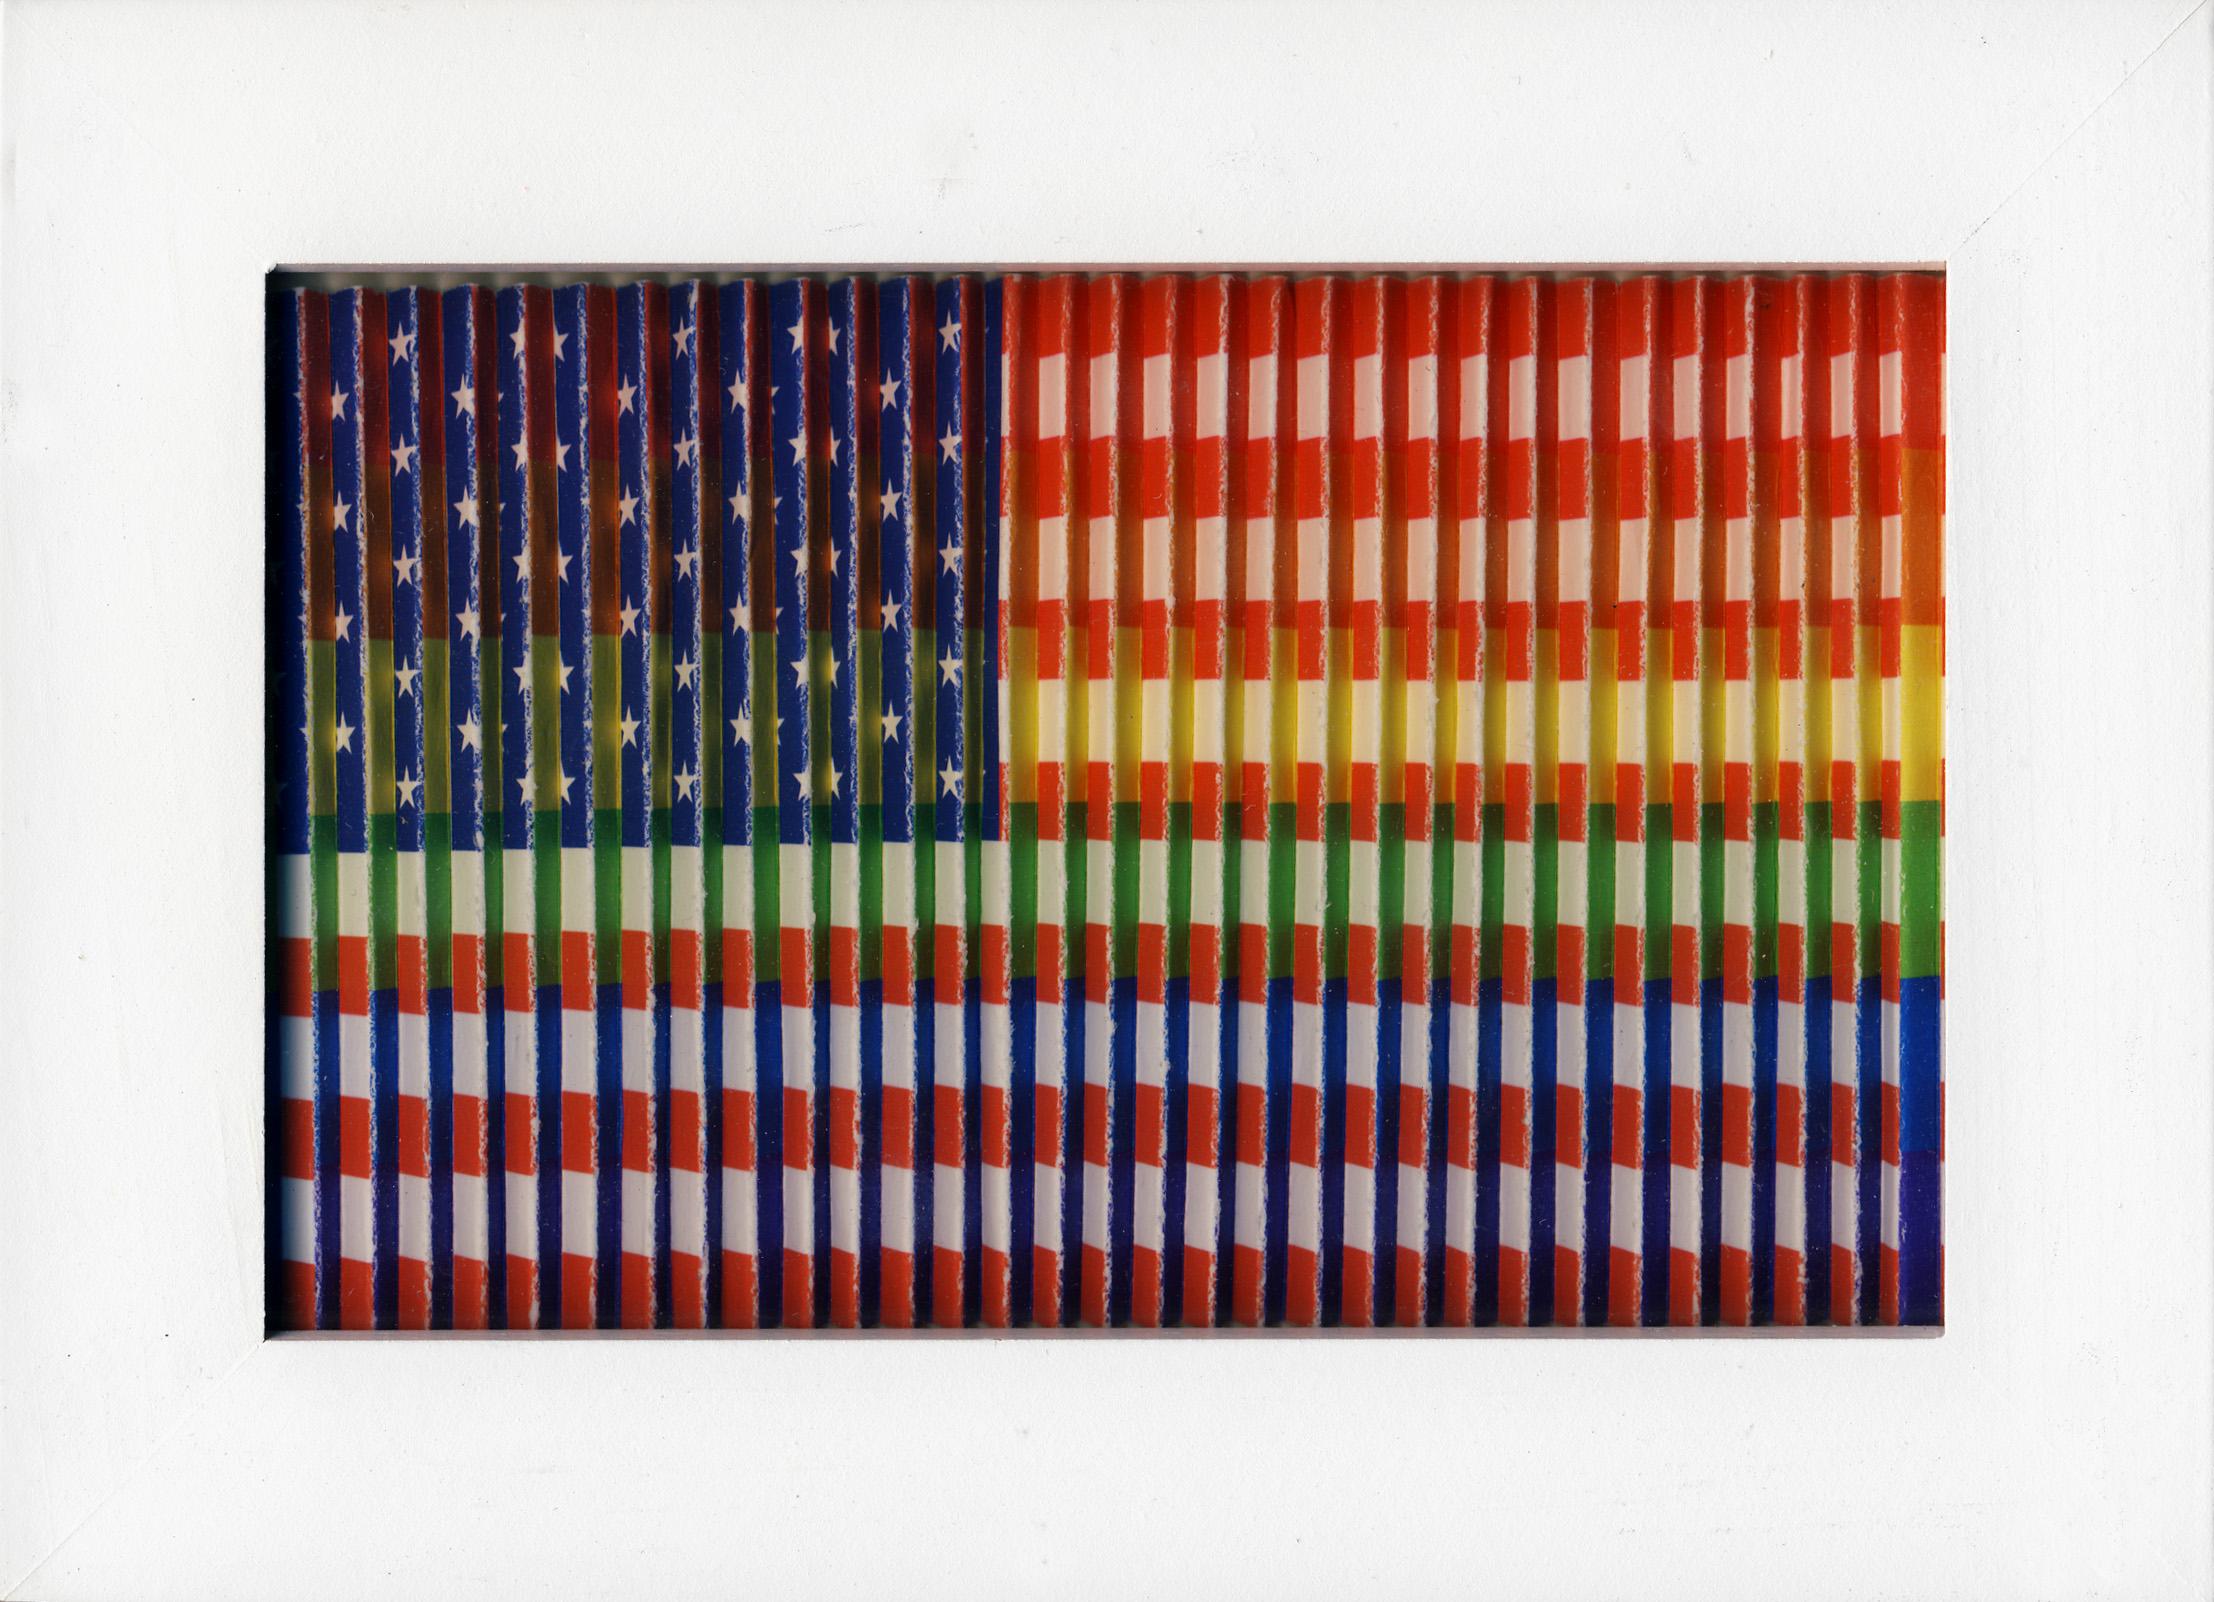 U.S./Gay pride